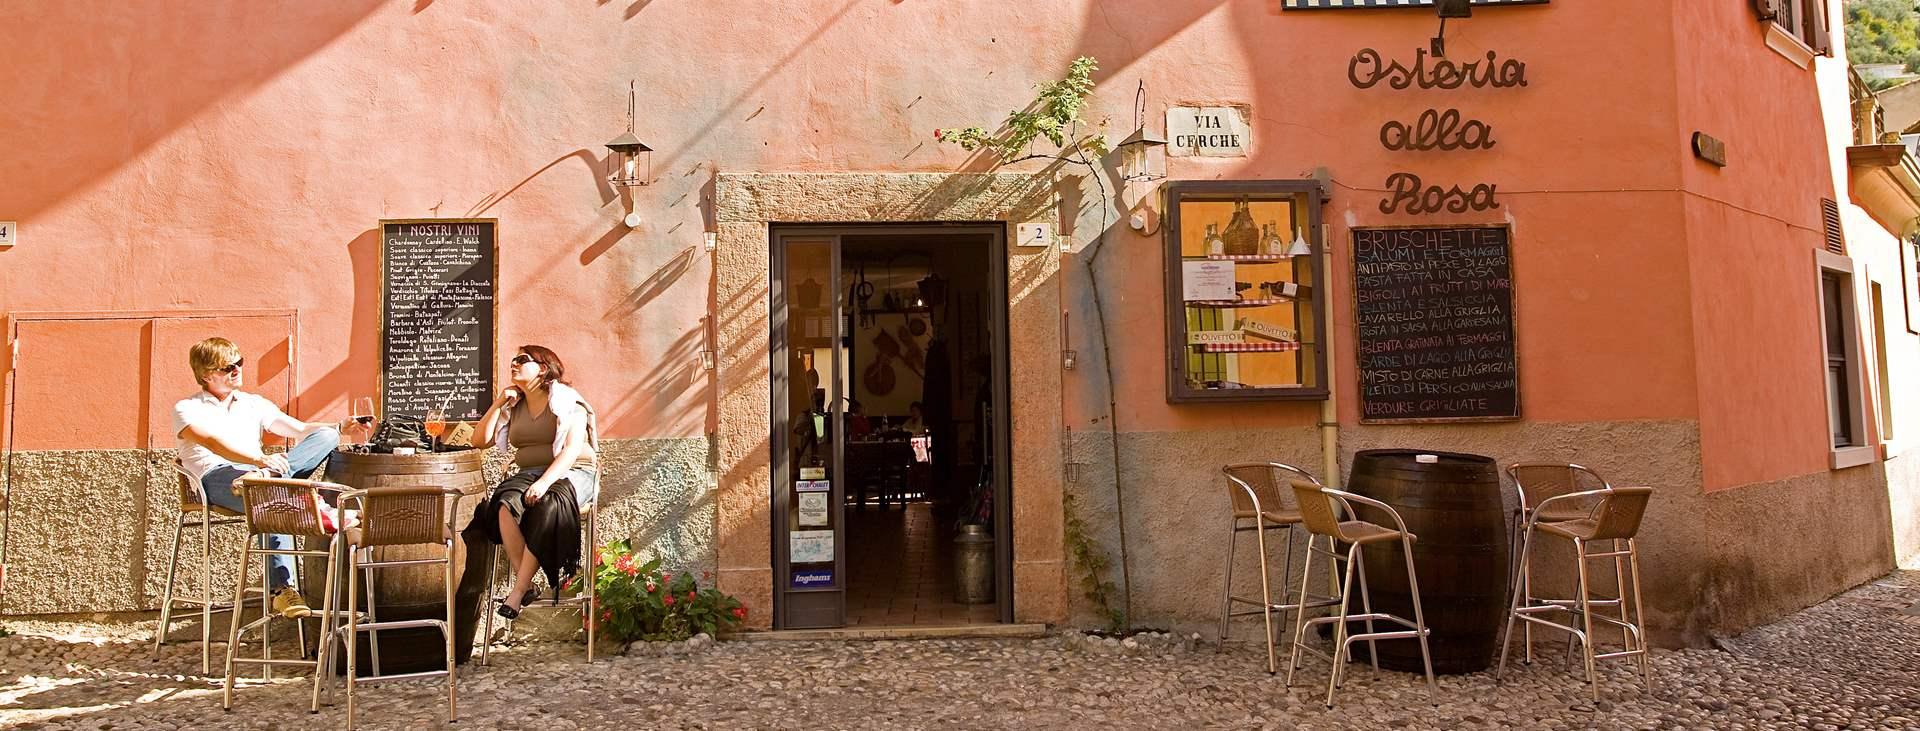 Boka din resa till Verona i Italien med Ving